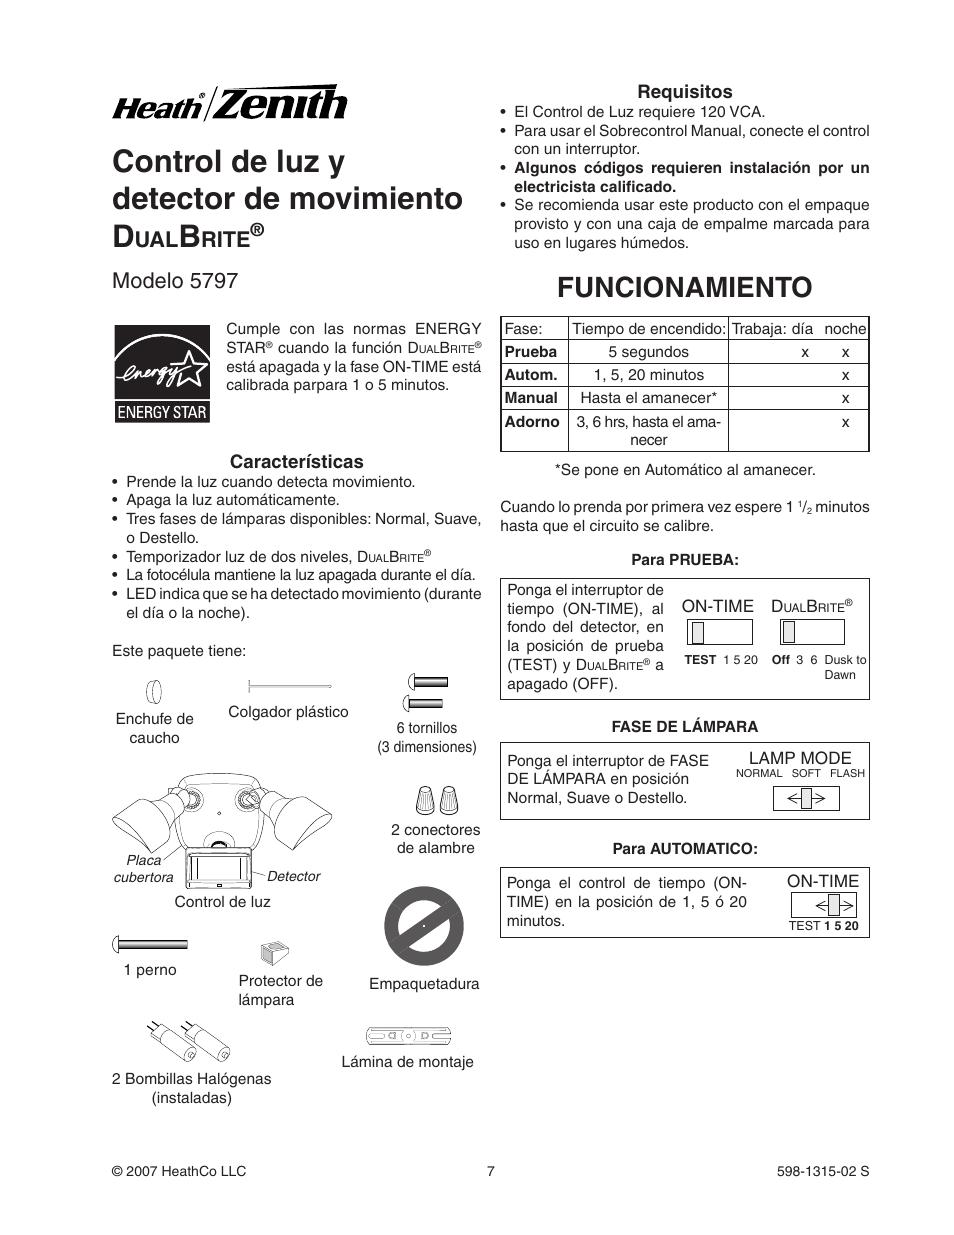 Control De Luz Y Detector De Movimiento D Funcionamiento Rite